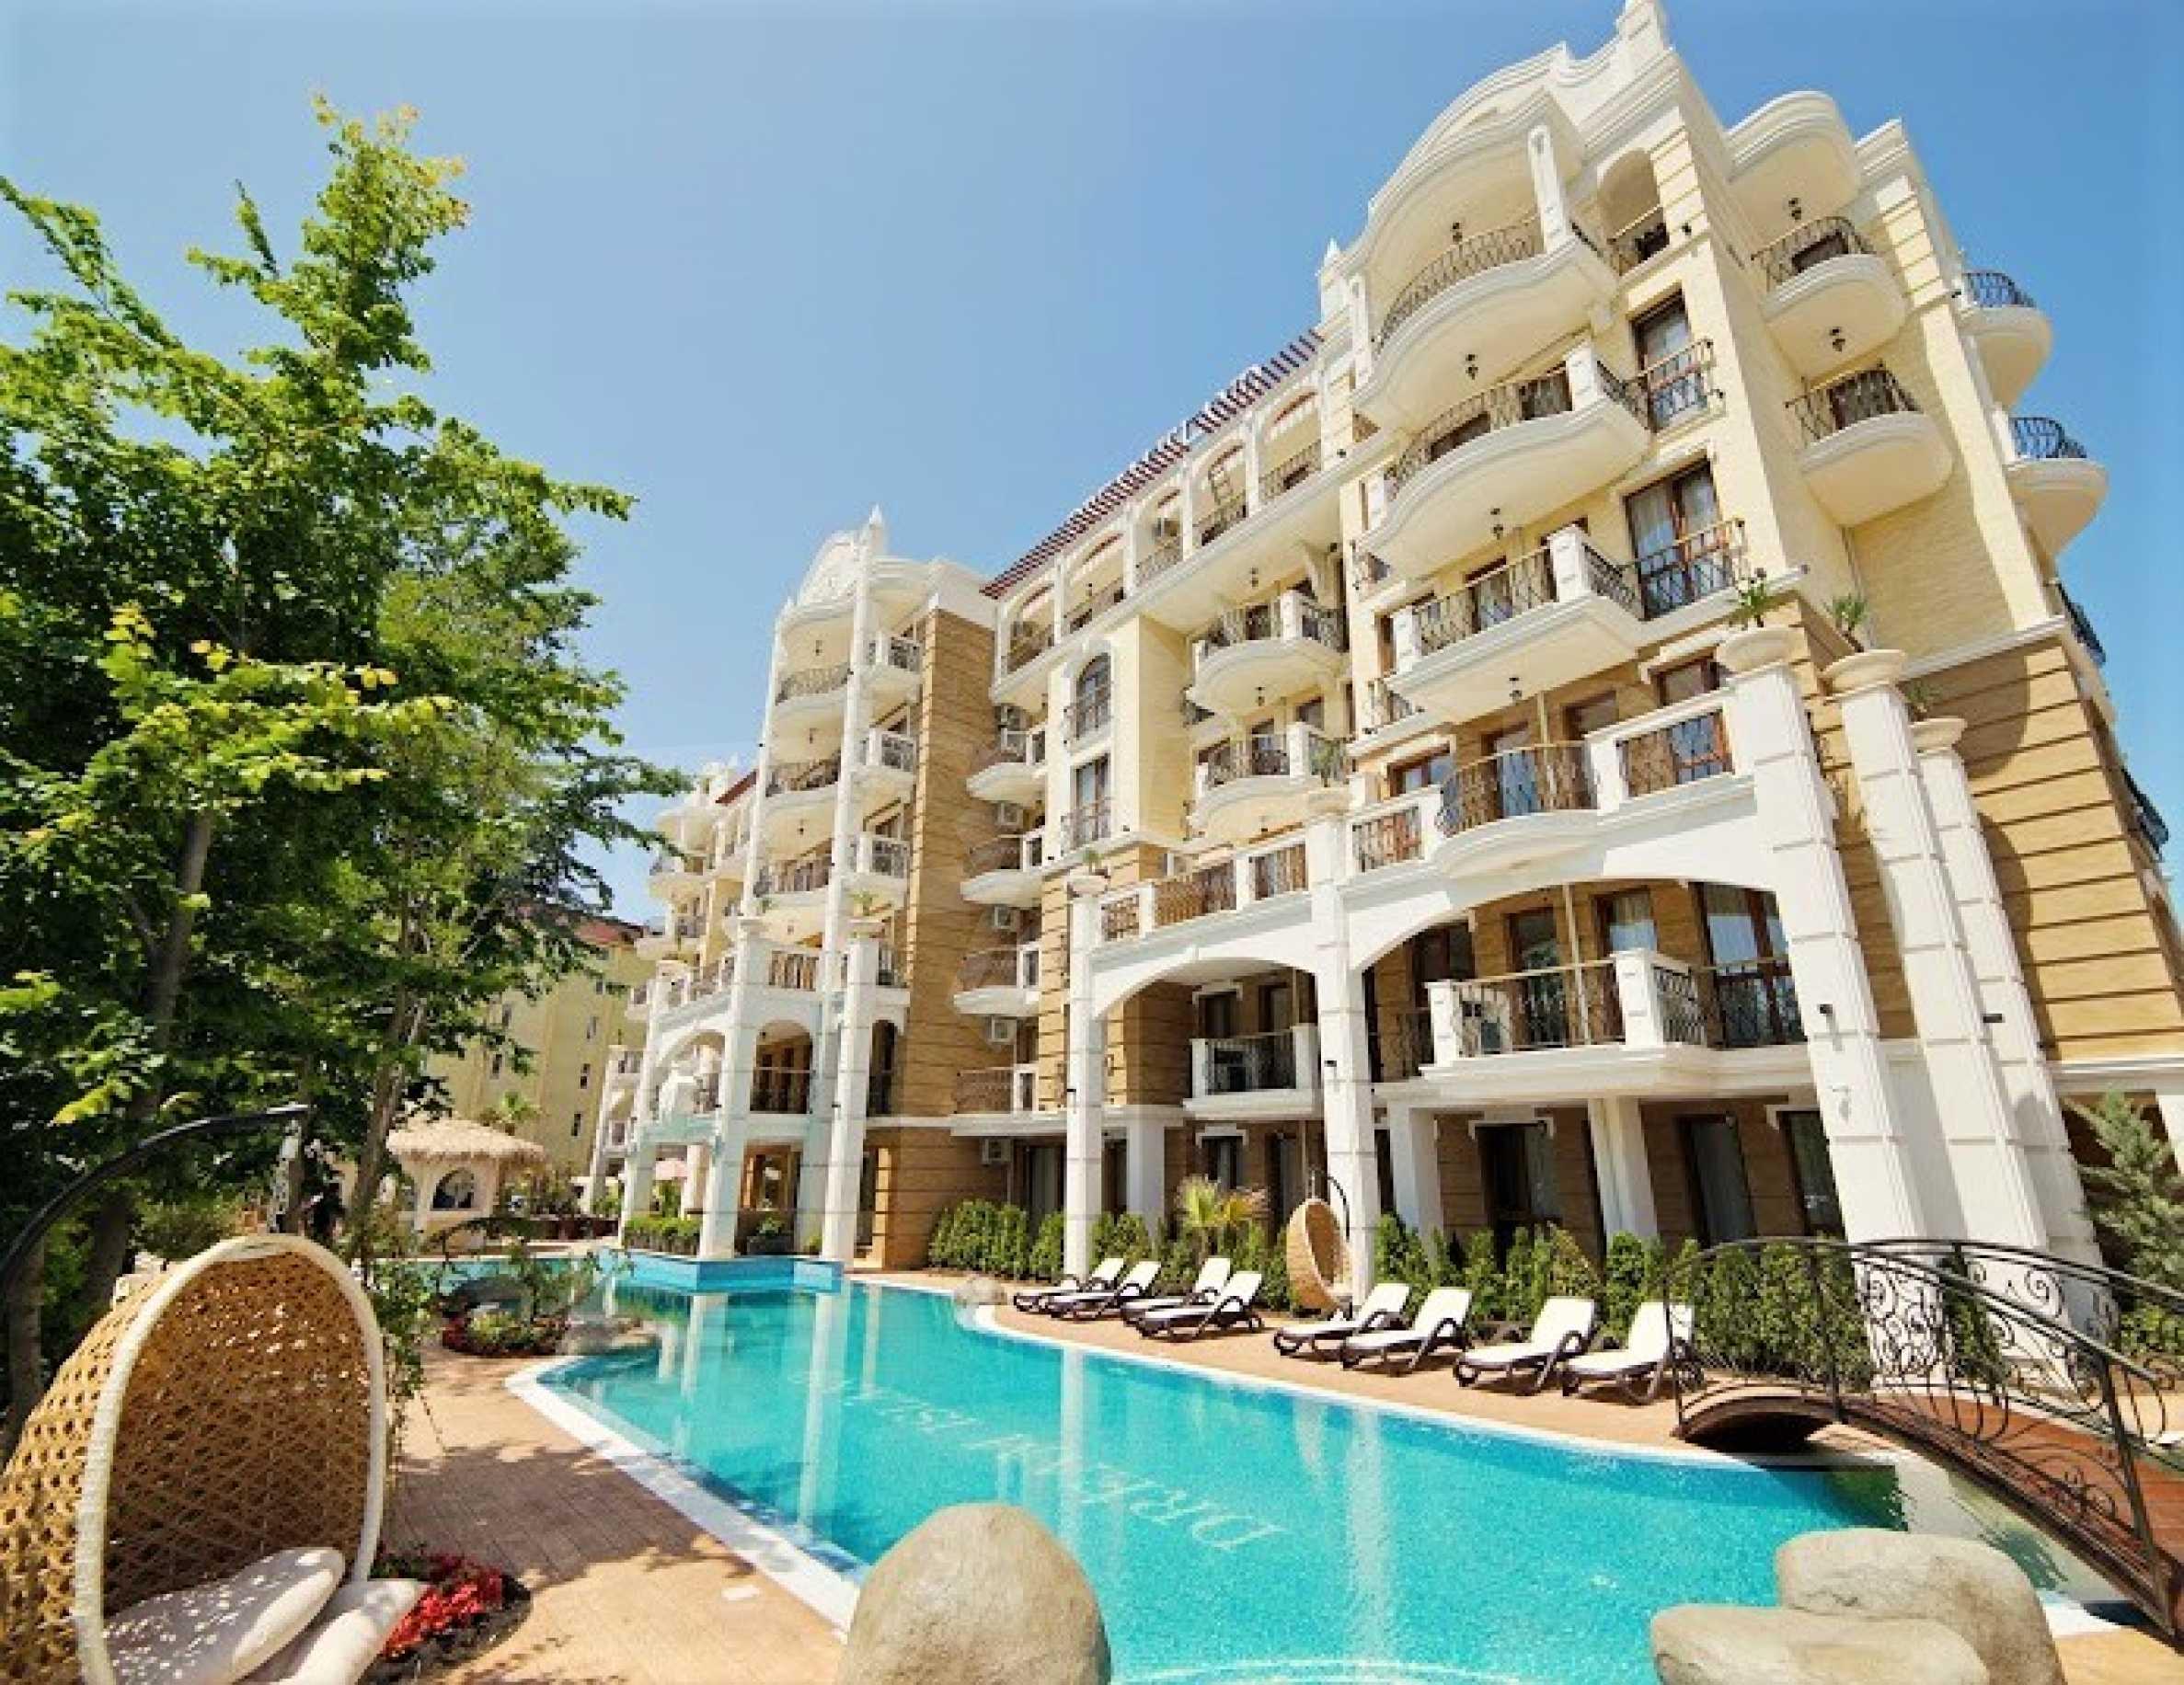 Sommersaison 2021! Auswahl an Mietwohnungen im Komplex der Premiumklasse